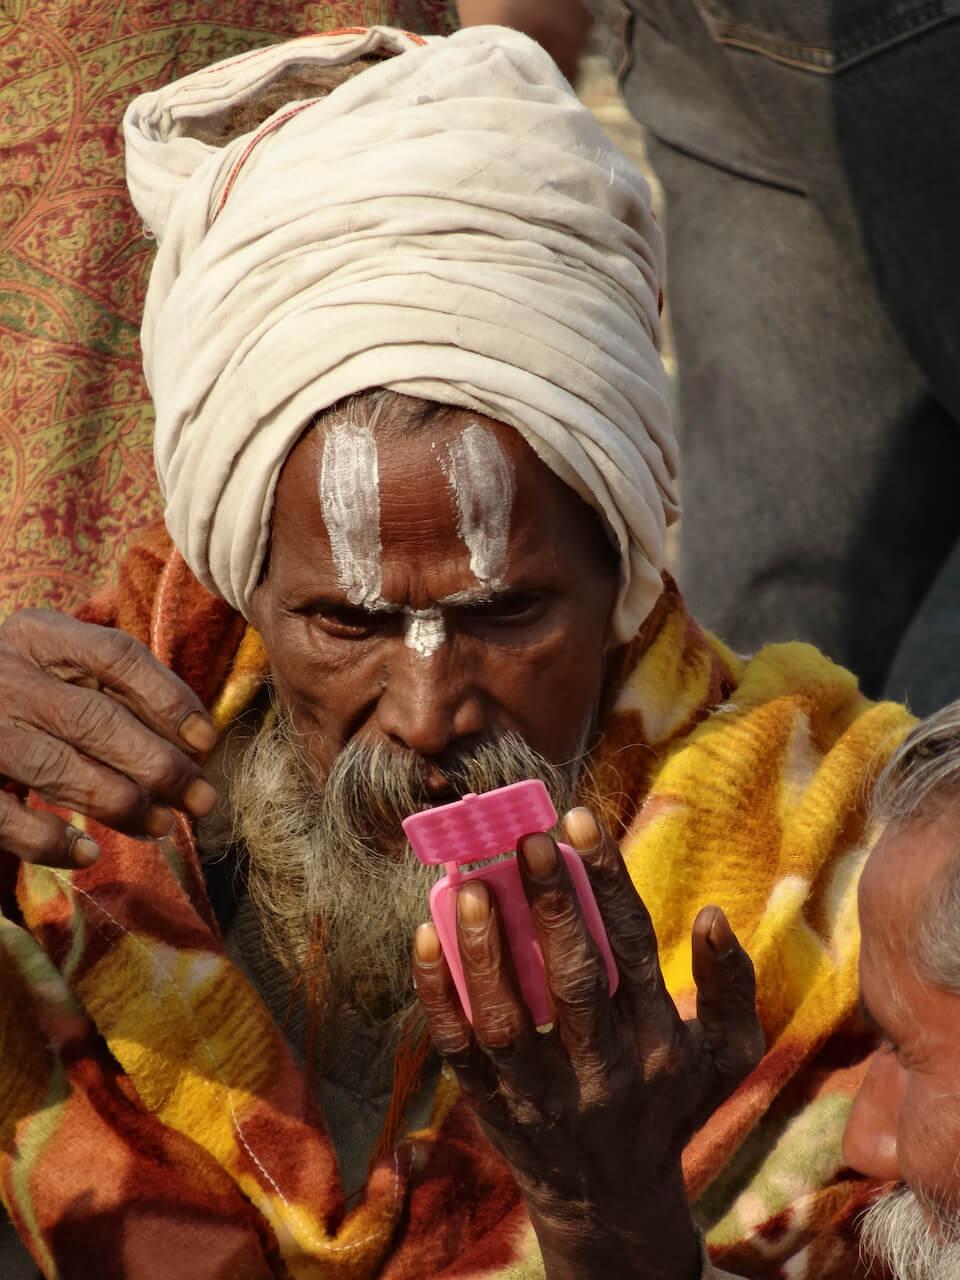 Marco Perini, Darśan, anziano indiano che si trucca il volto